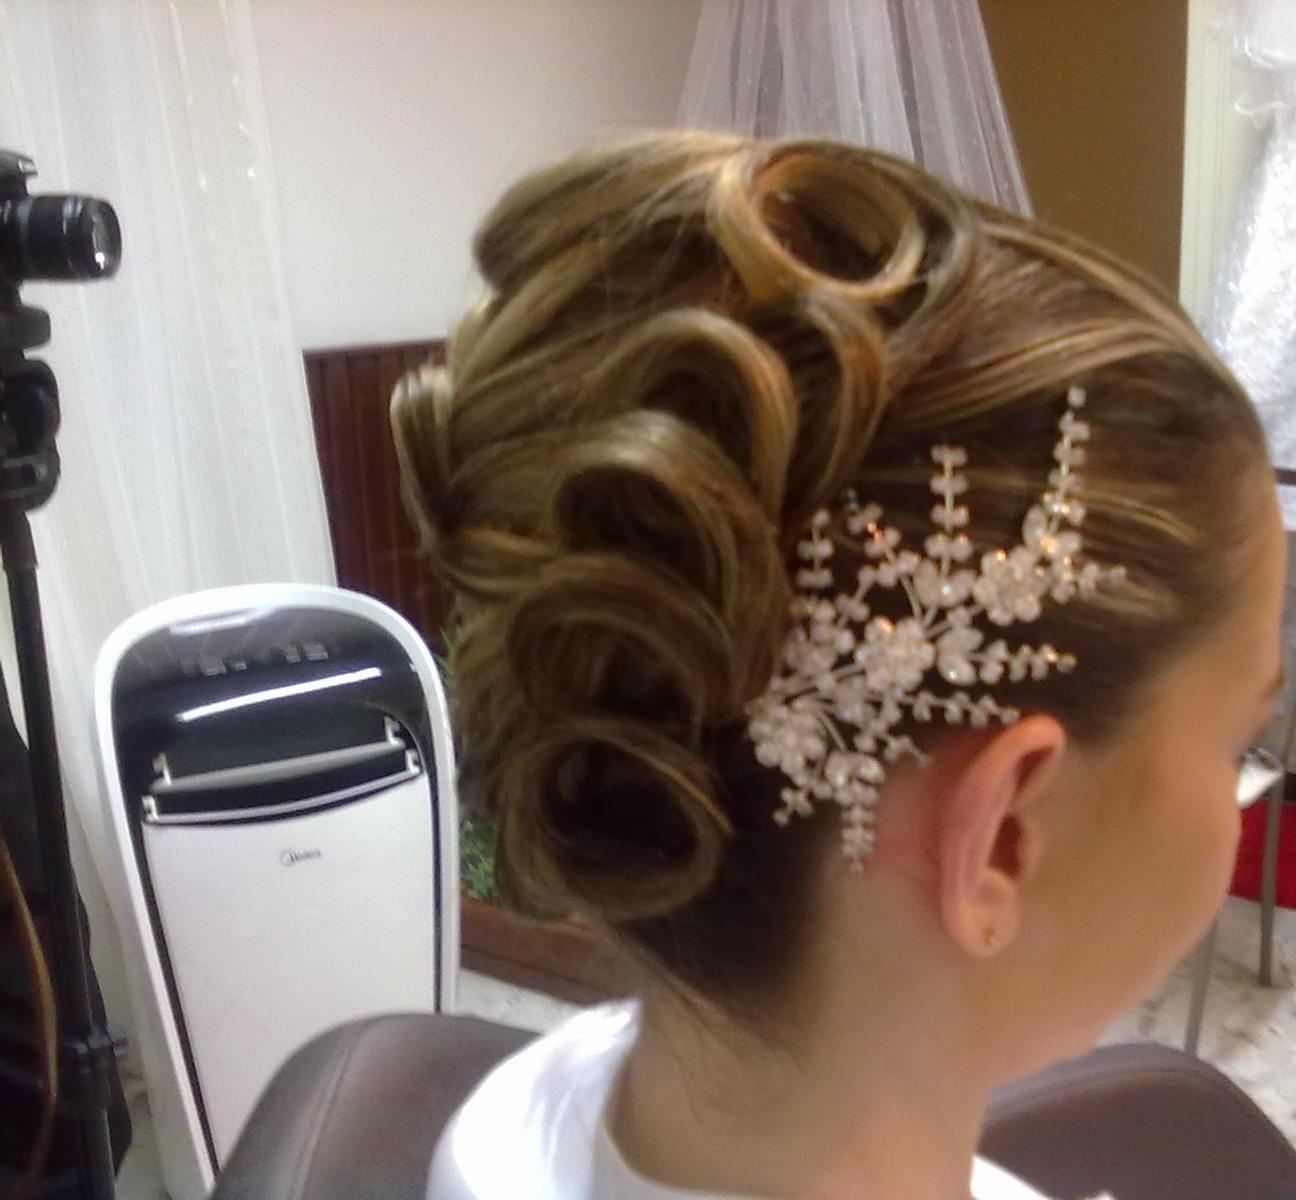 Penteado para noivas! Os cabelos foram preparados com ondulação feitos com modelador, em seguida feito uma base em forma de banana chignon, depois segui o pedido da cliente para obter está finalização. cabeleireiro(a)